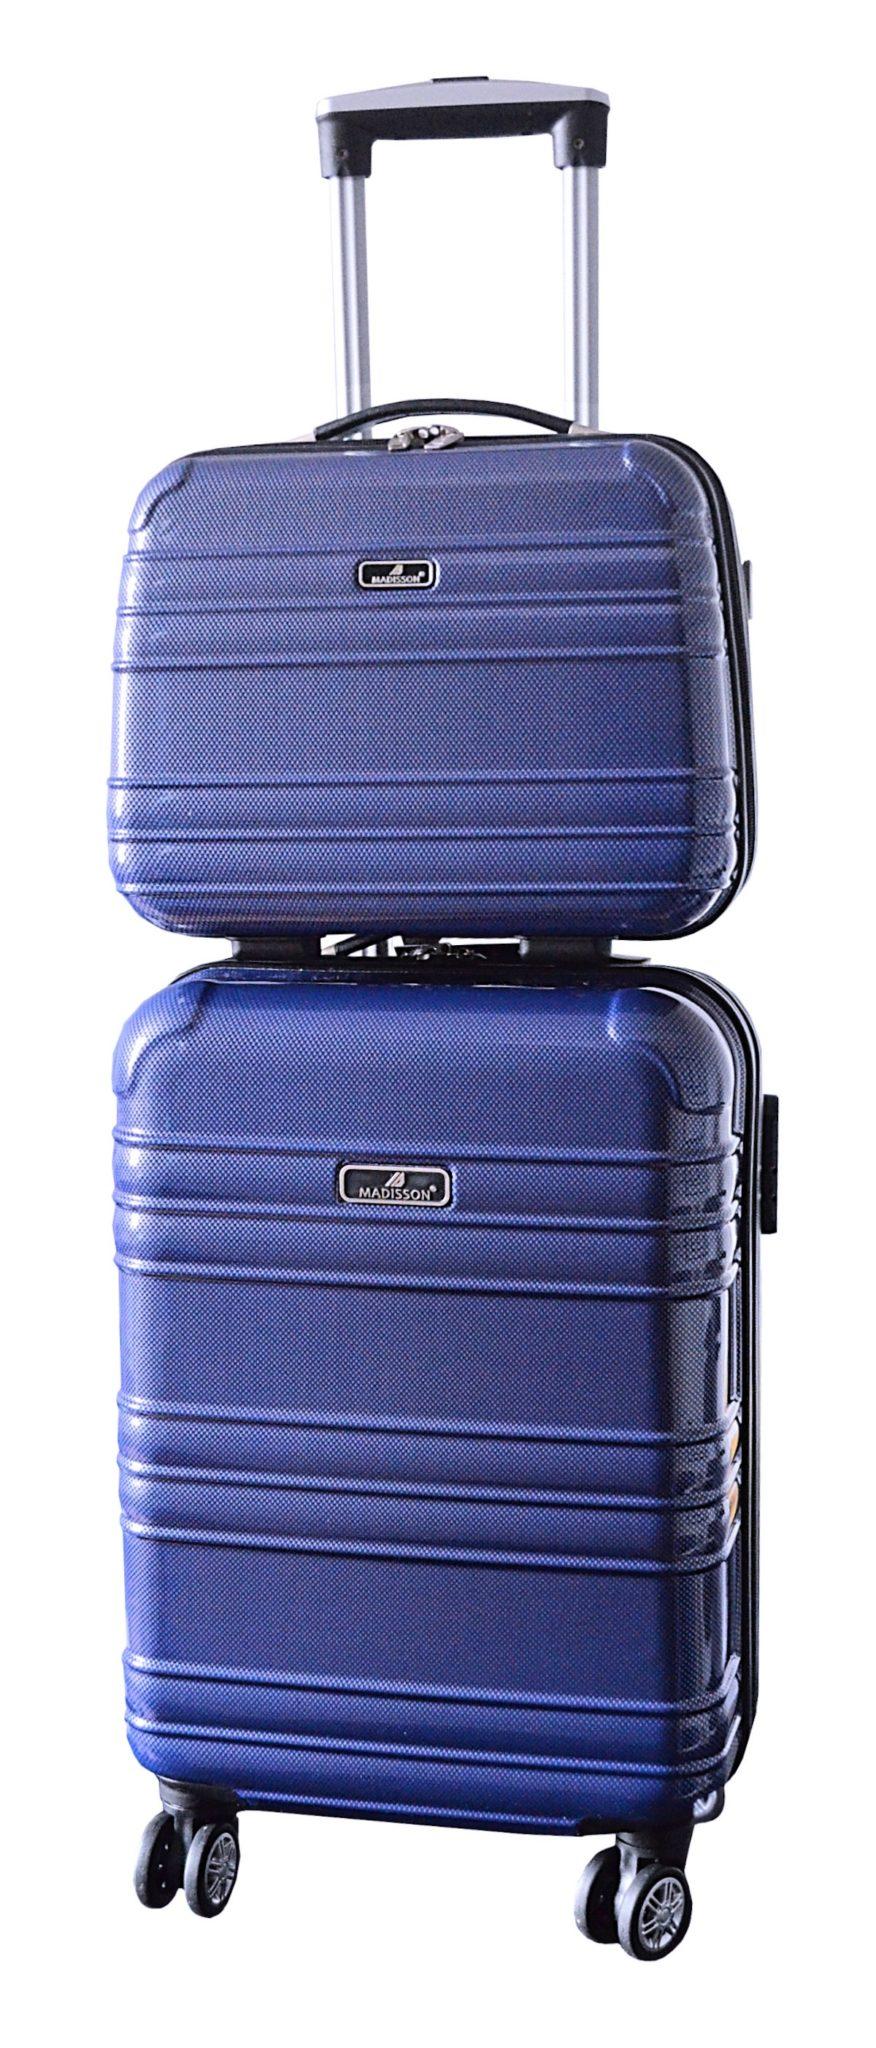 vente chaude en ligne 80816 e825b Ensemble valise cabine et son vanity case Madisson